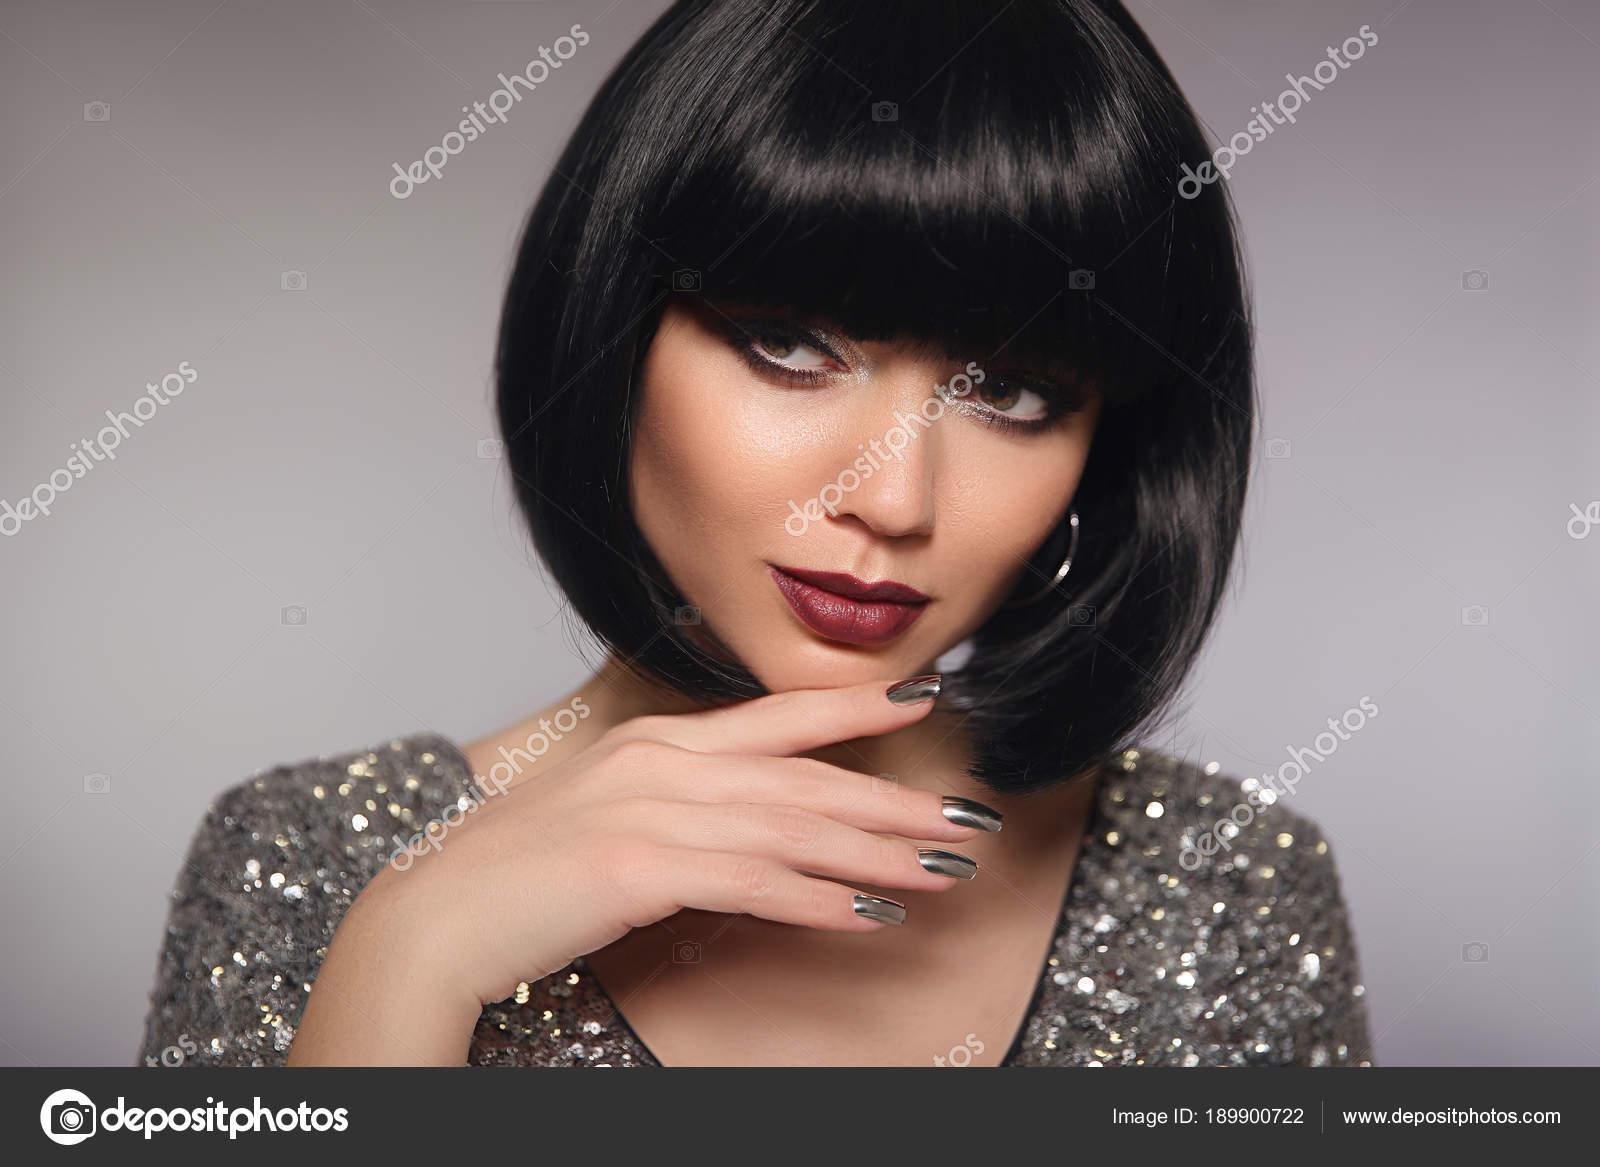 Kurze Haare Woman Modell Mode Brünette Nahaufnahme Portrait Mit